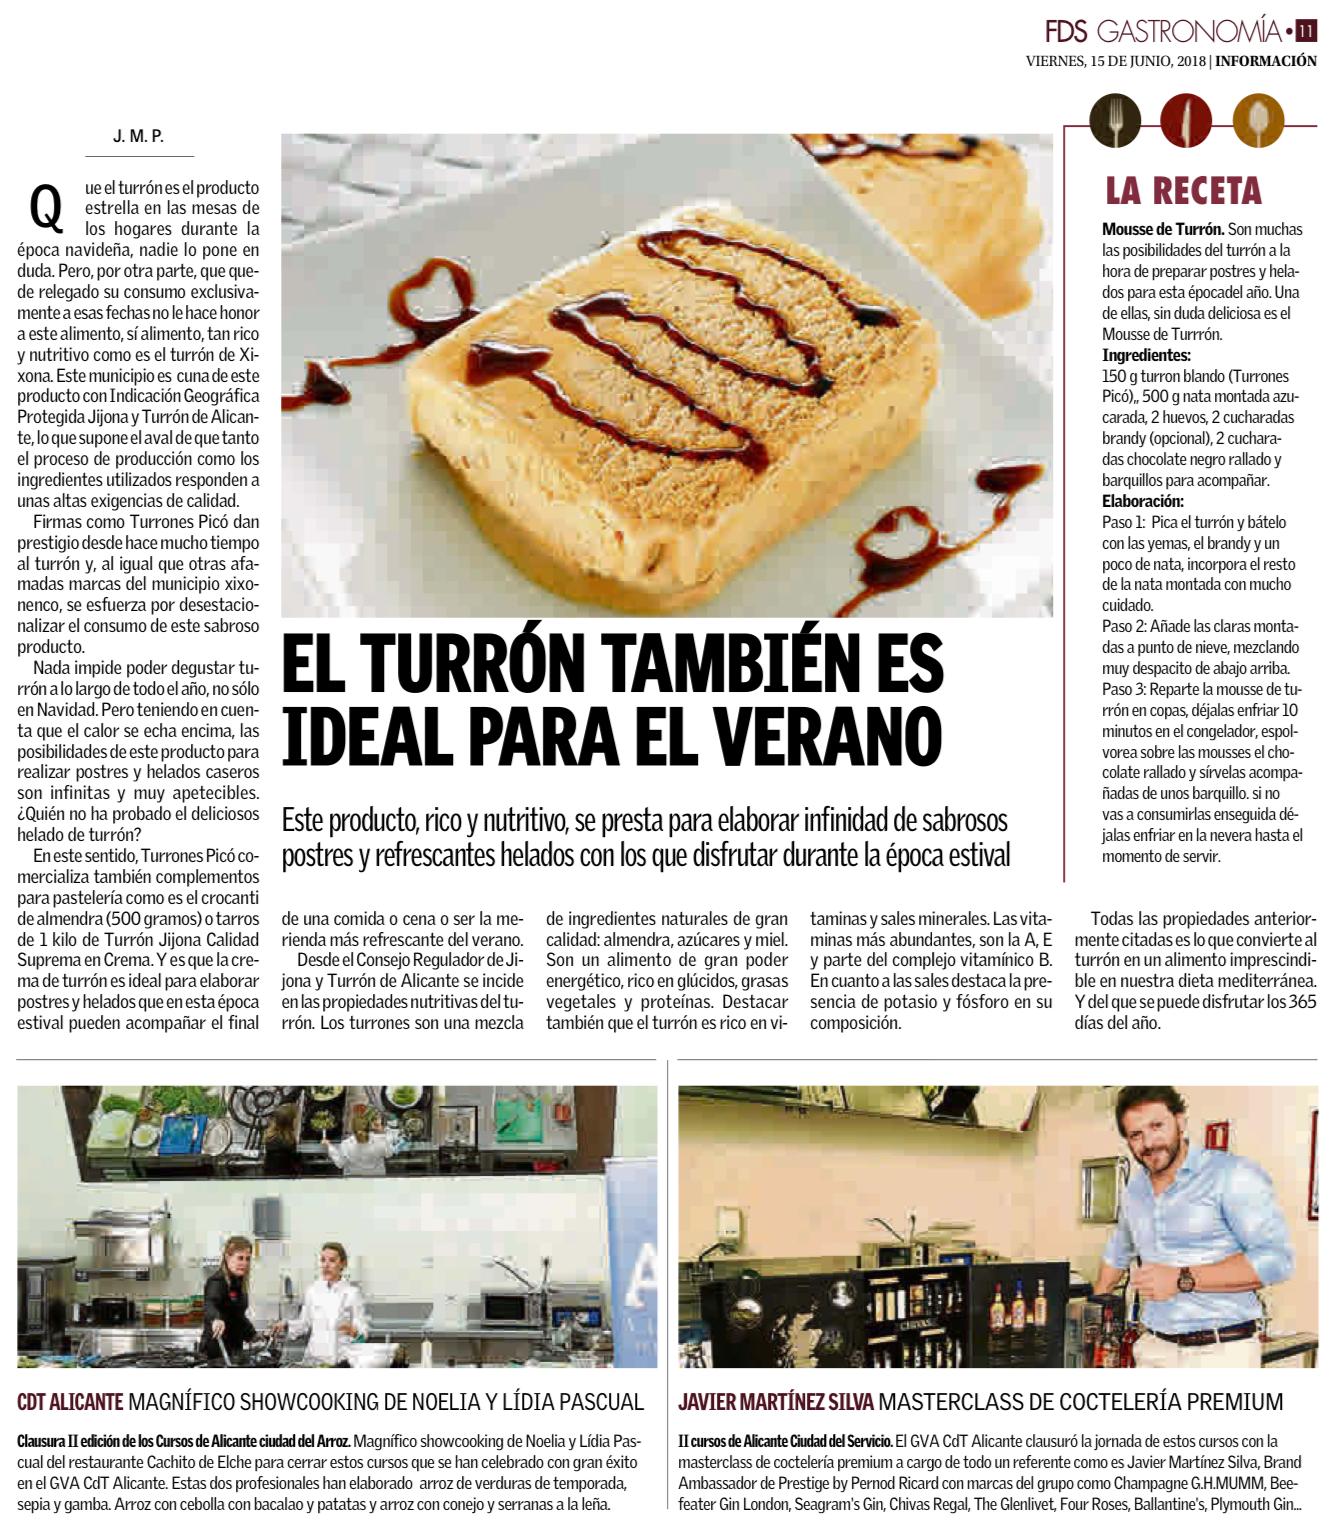 Artículo Diario Información sobre turrón en verano. Turrón Picó.